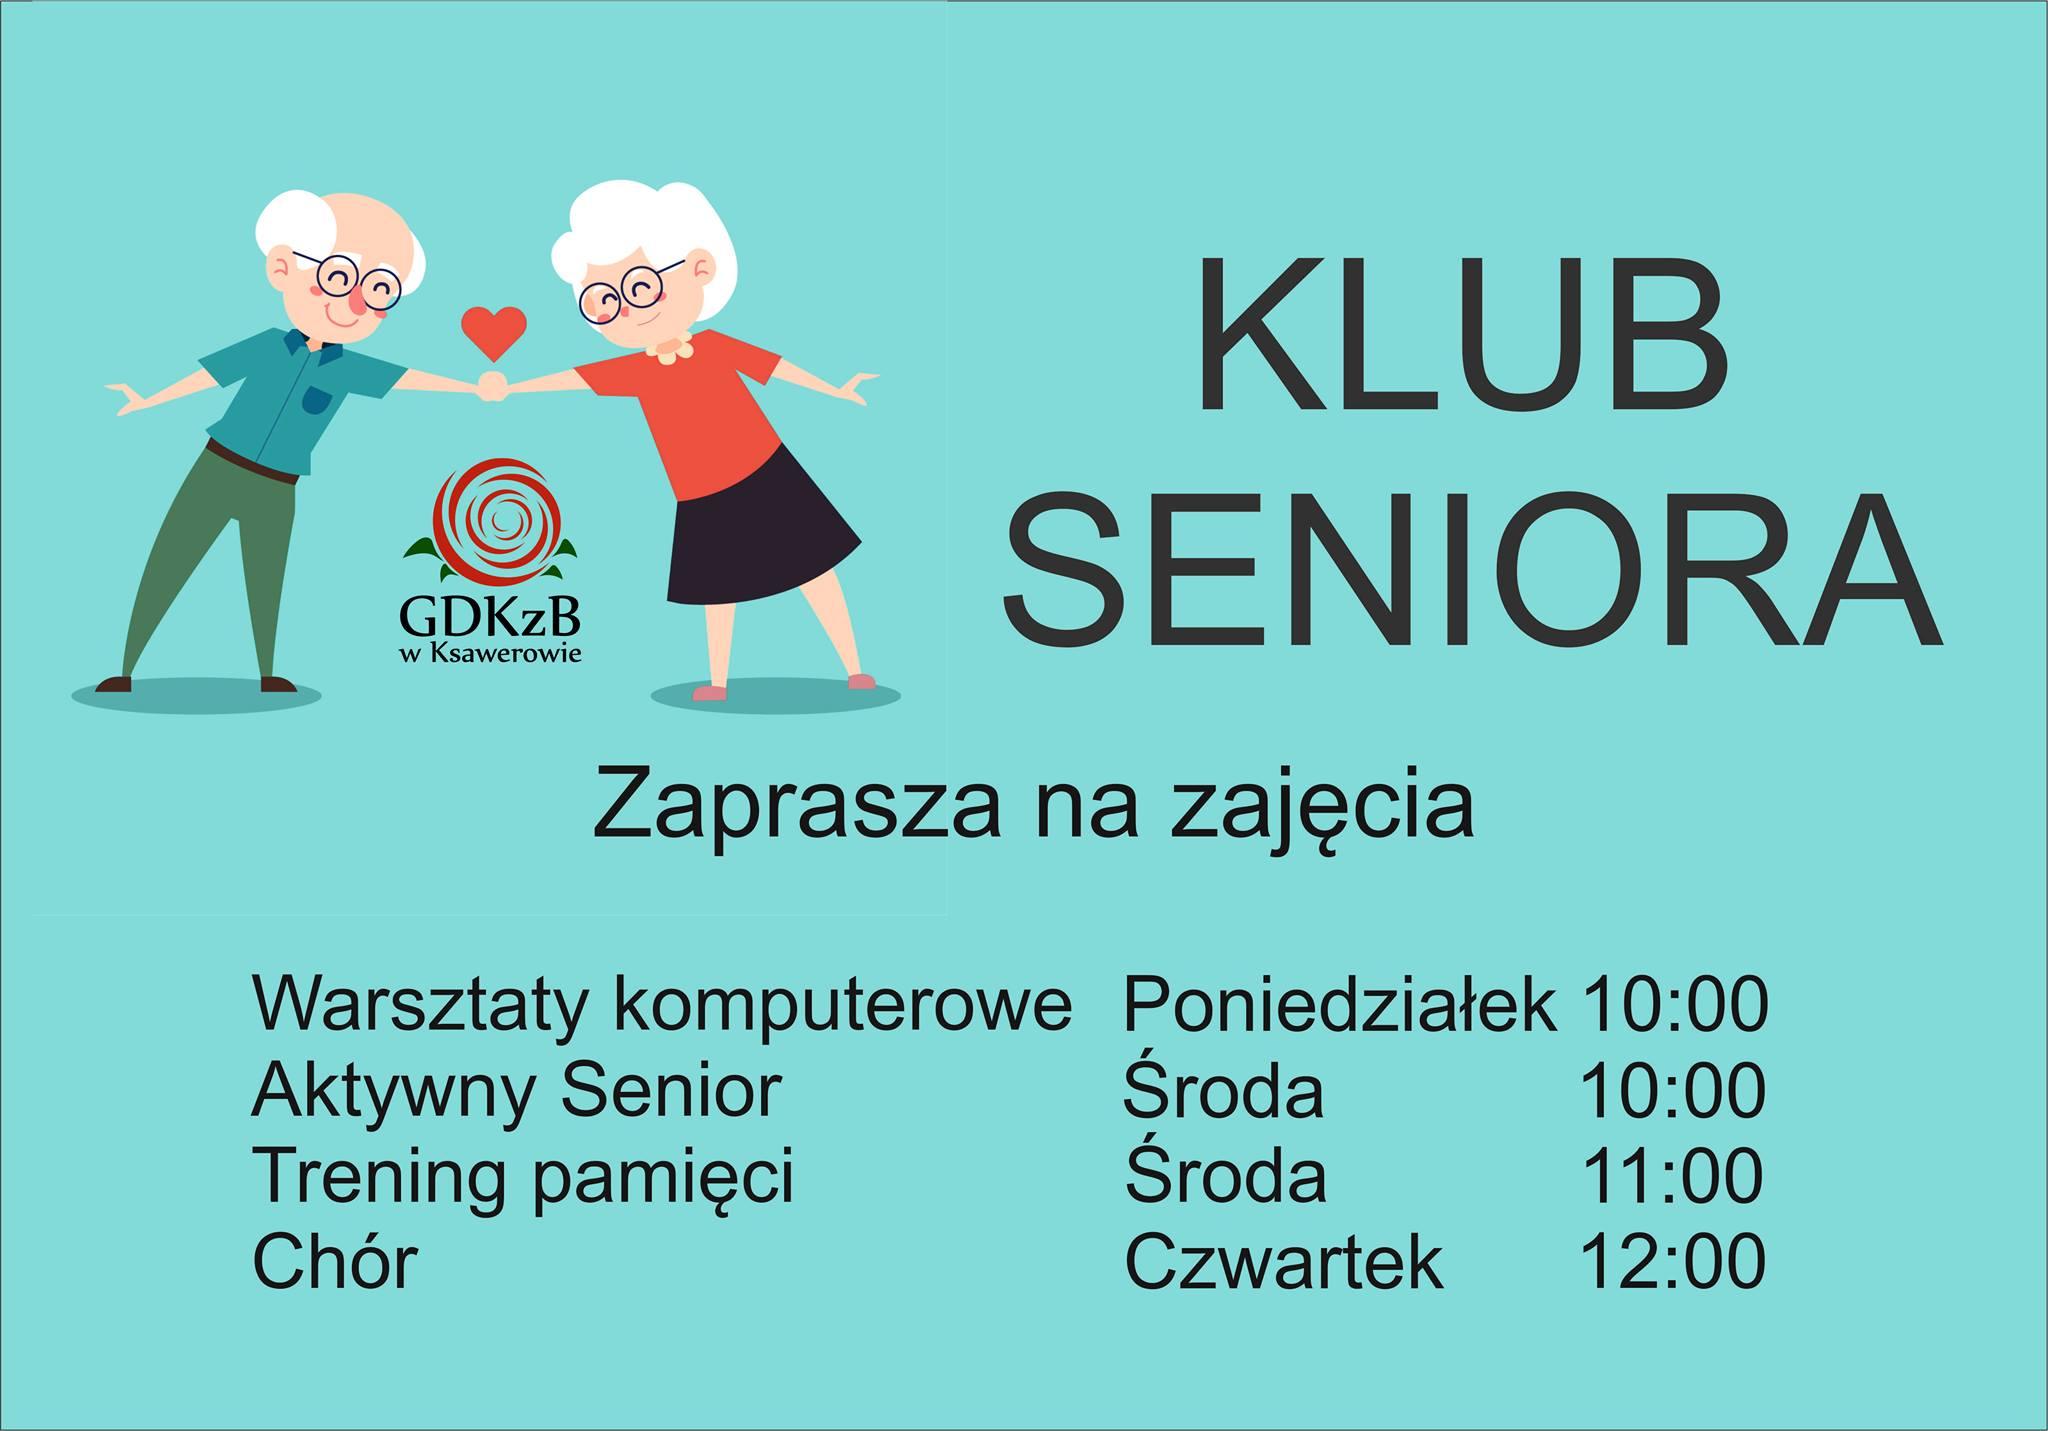 plakat zapraszający do klubu seniora